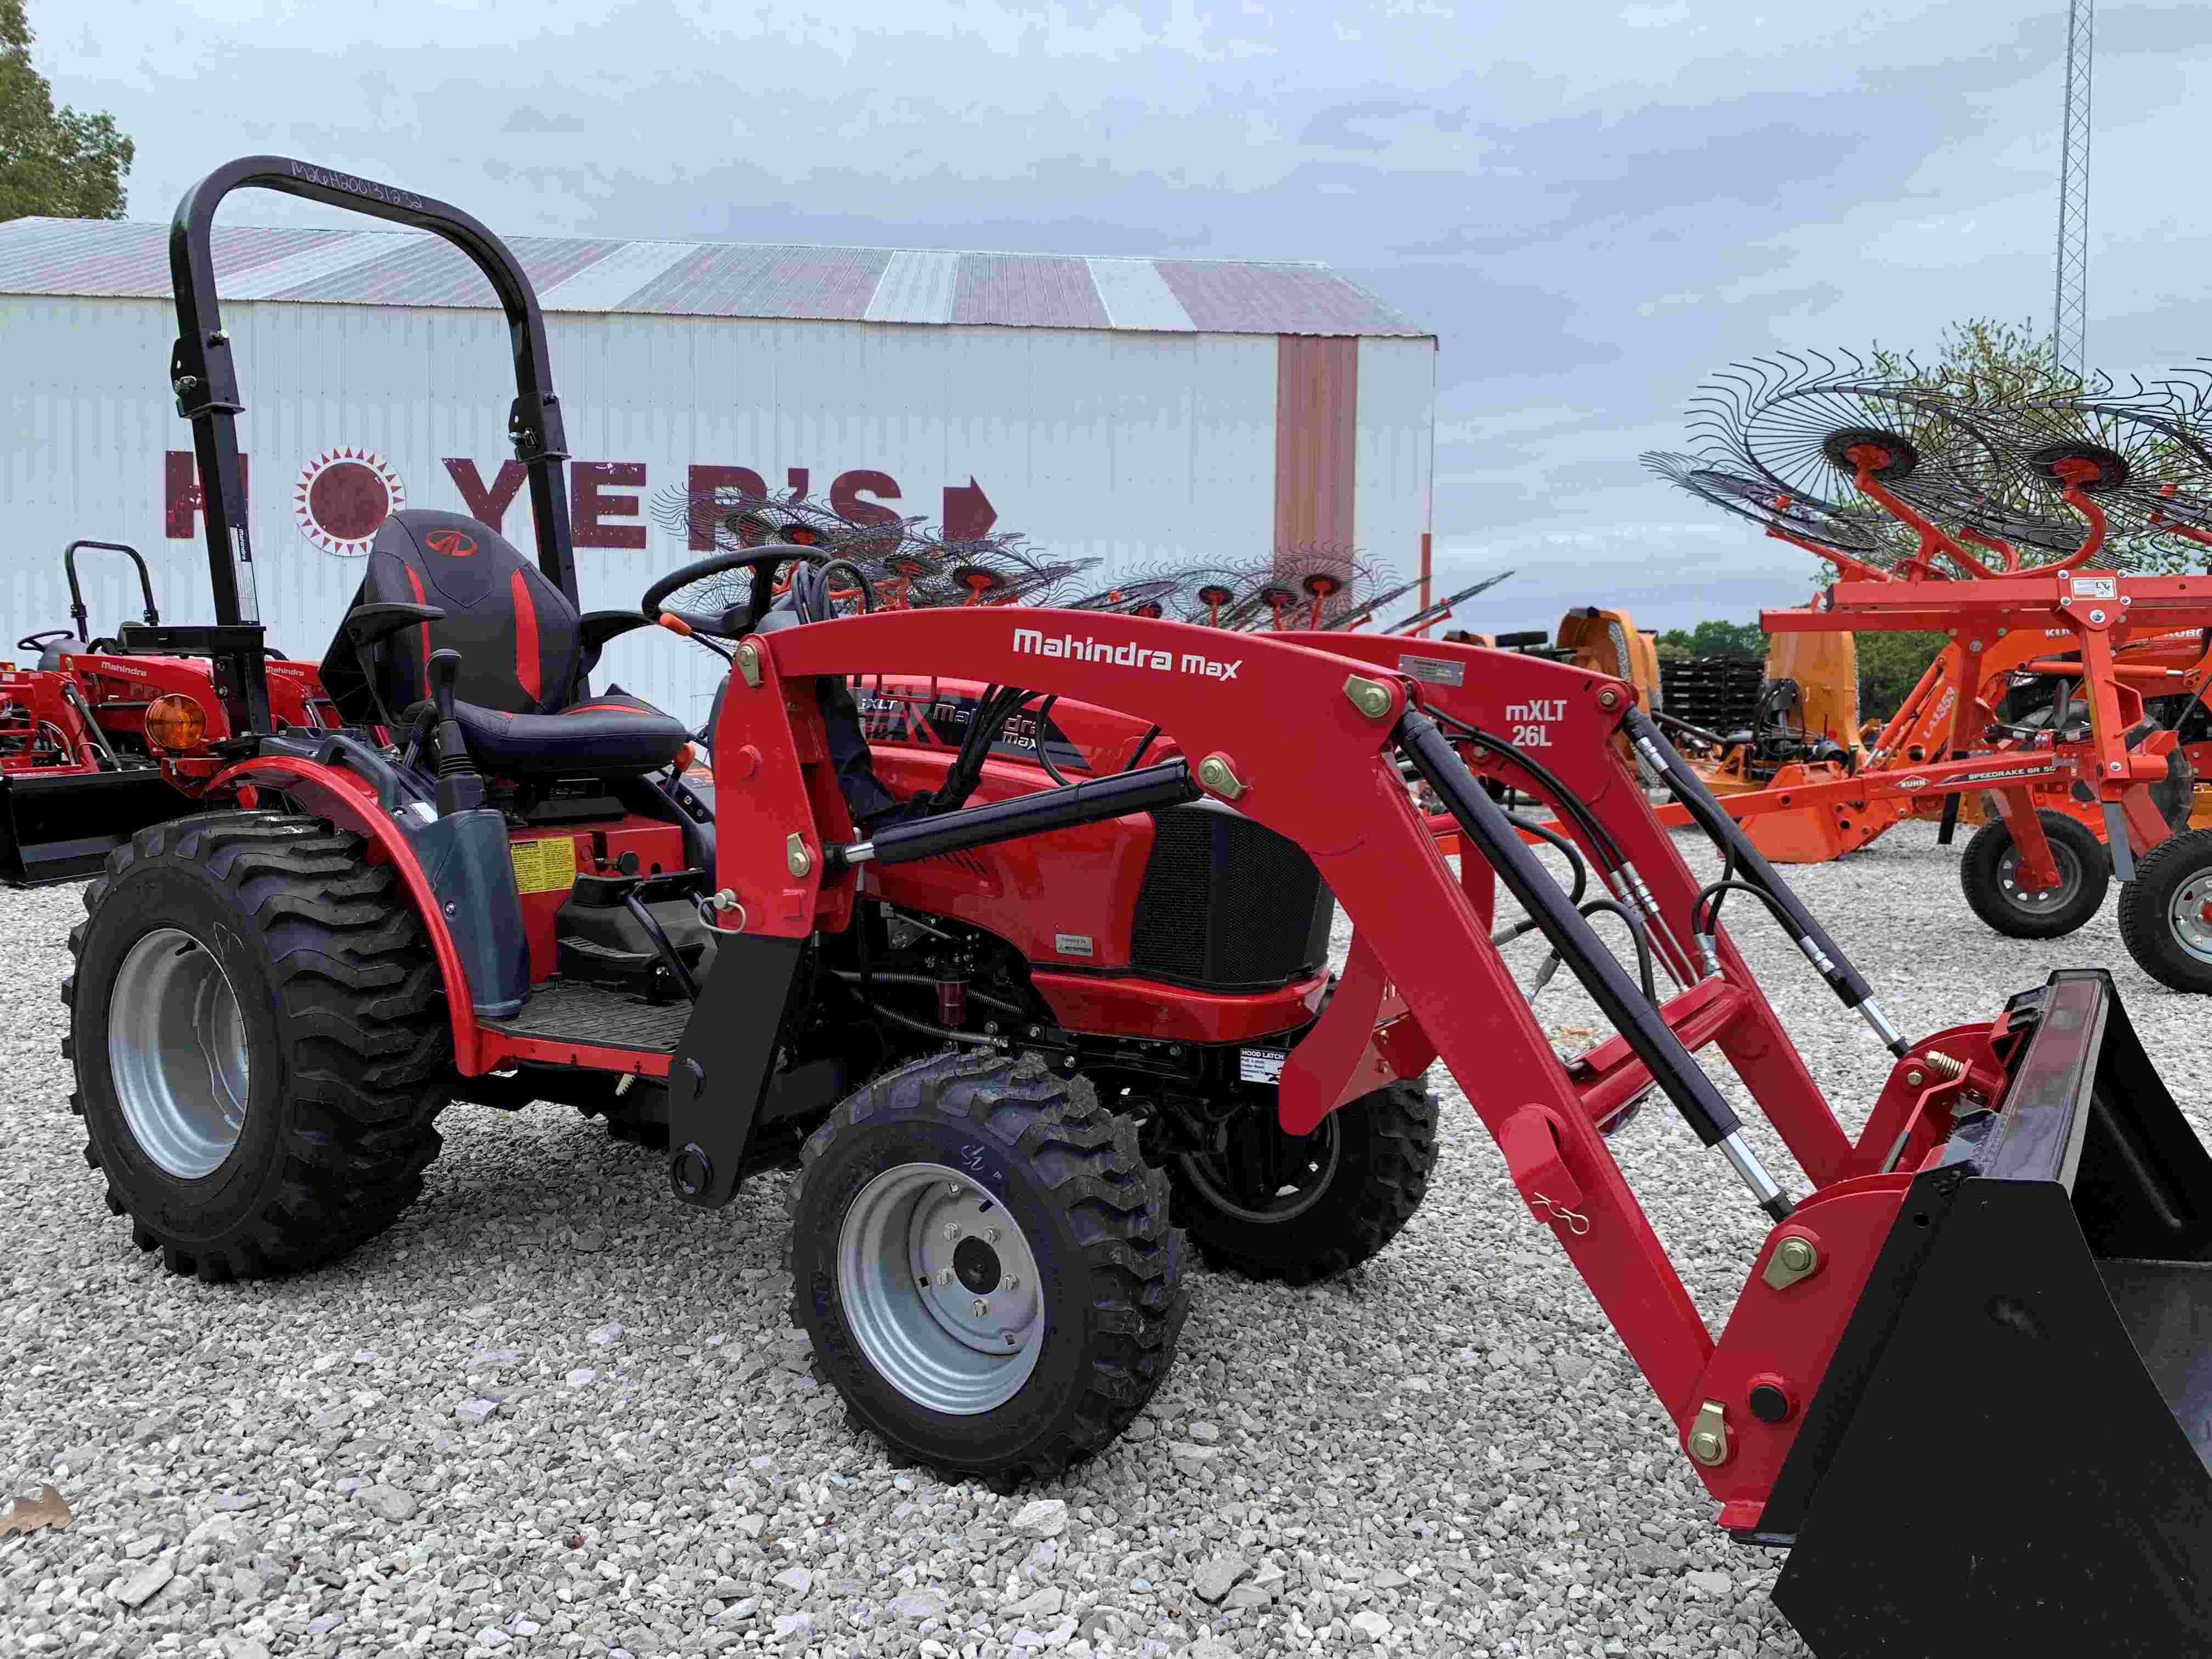 Mahindra Max 26 XLT Tractor / Loader